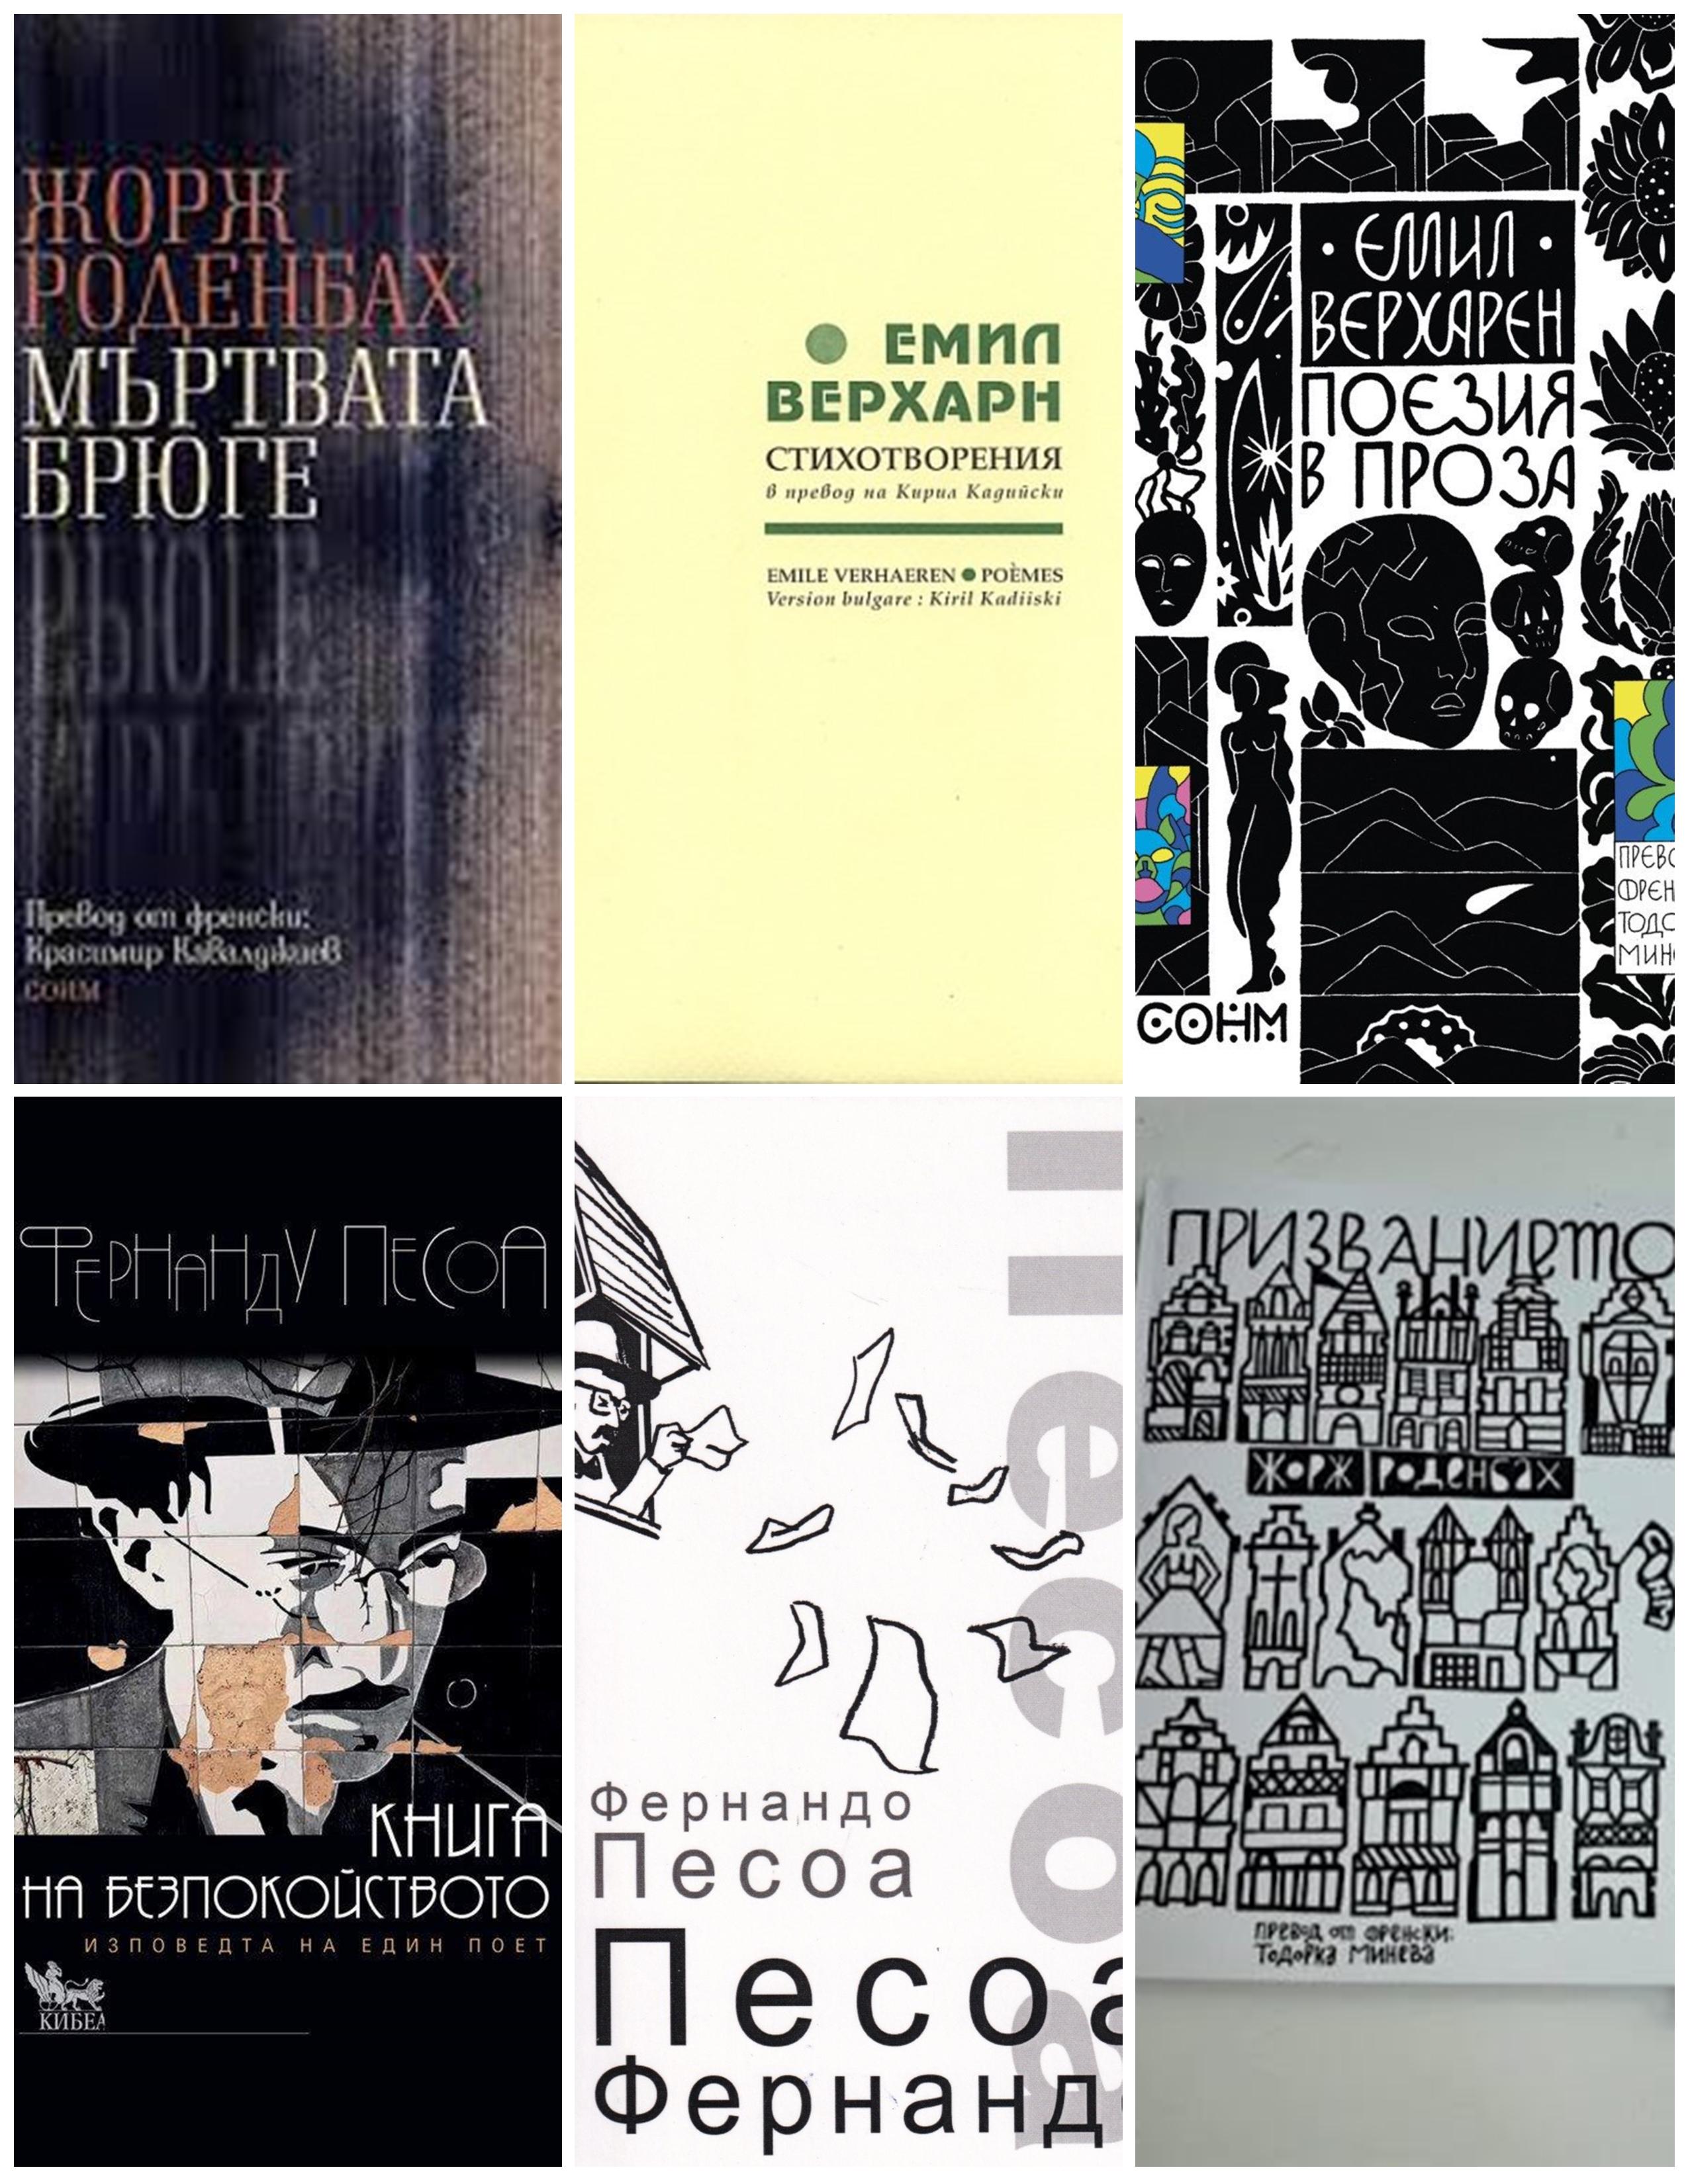 Колонката на Георги Цанков: Световна поезия - Песоа, Роденбах, Верхарен, Сологуб (част 1)